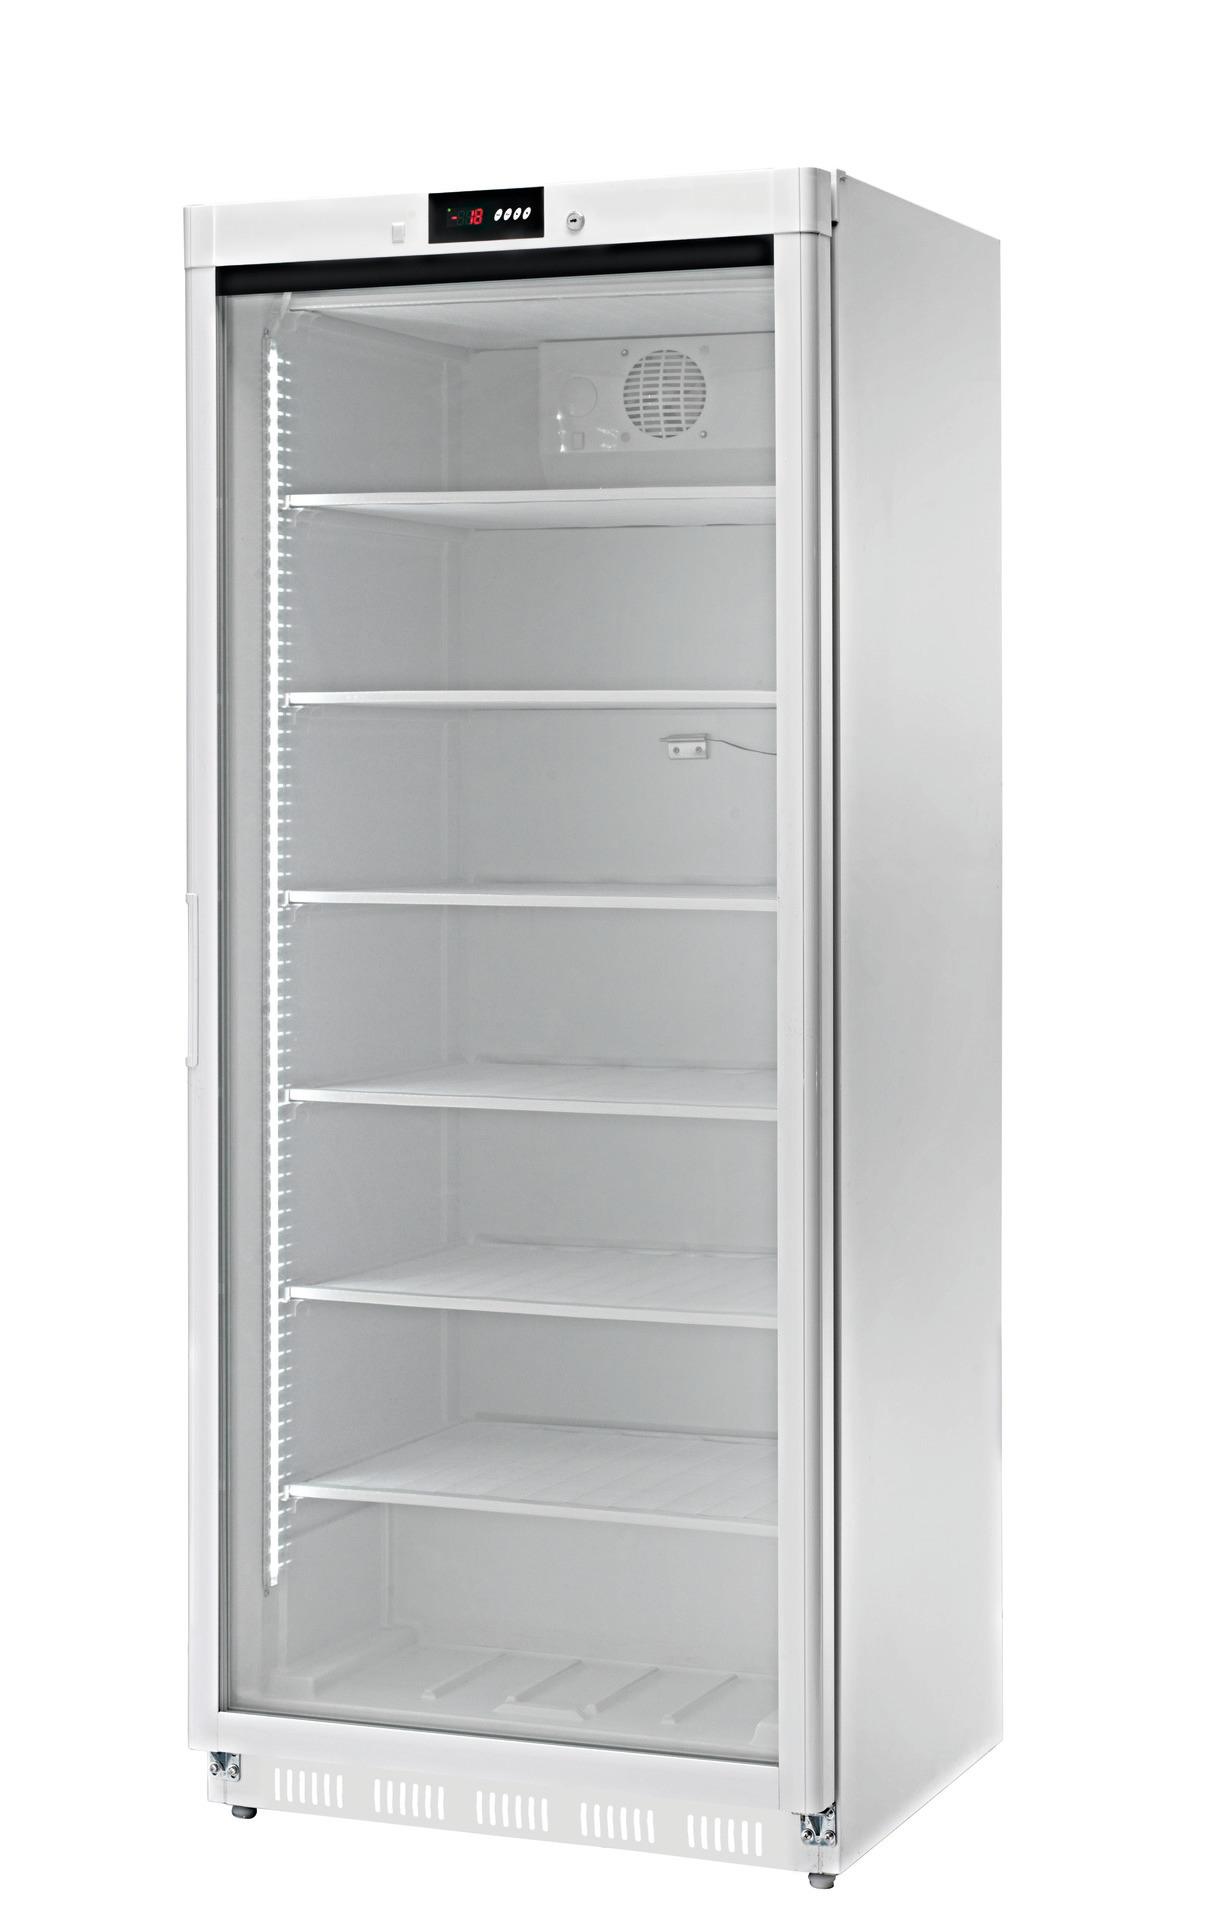 Tiefkühlschrank weiß 580 l 777 x 710 x 1895 mm